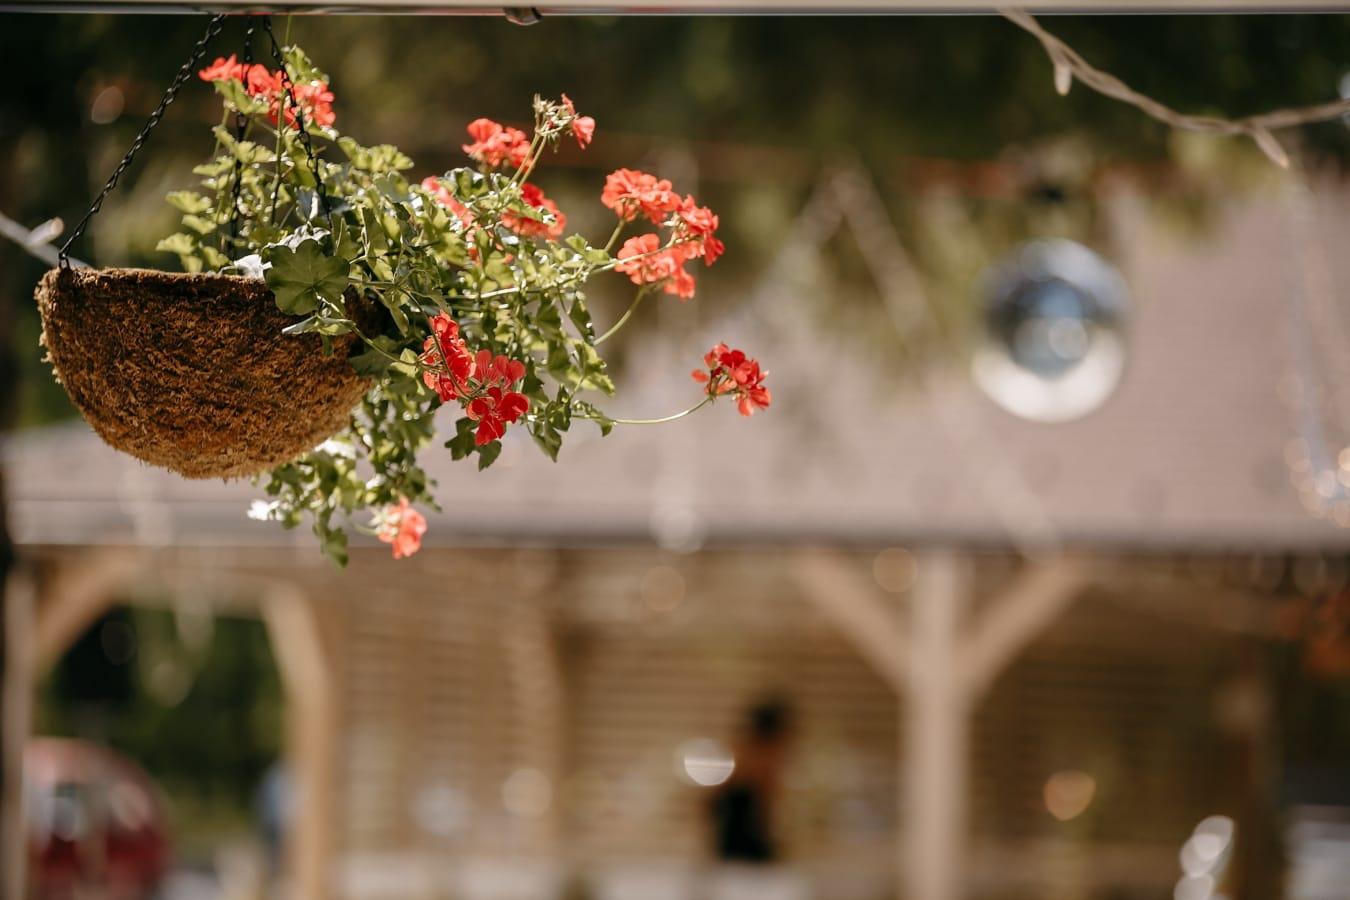 Blumentopf, Geranie, Dekoration, hängende, Blume, Ast, Straße, Sommer, im freien, Garten